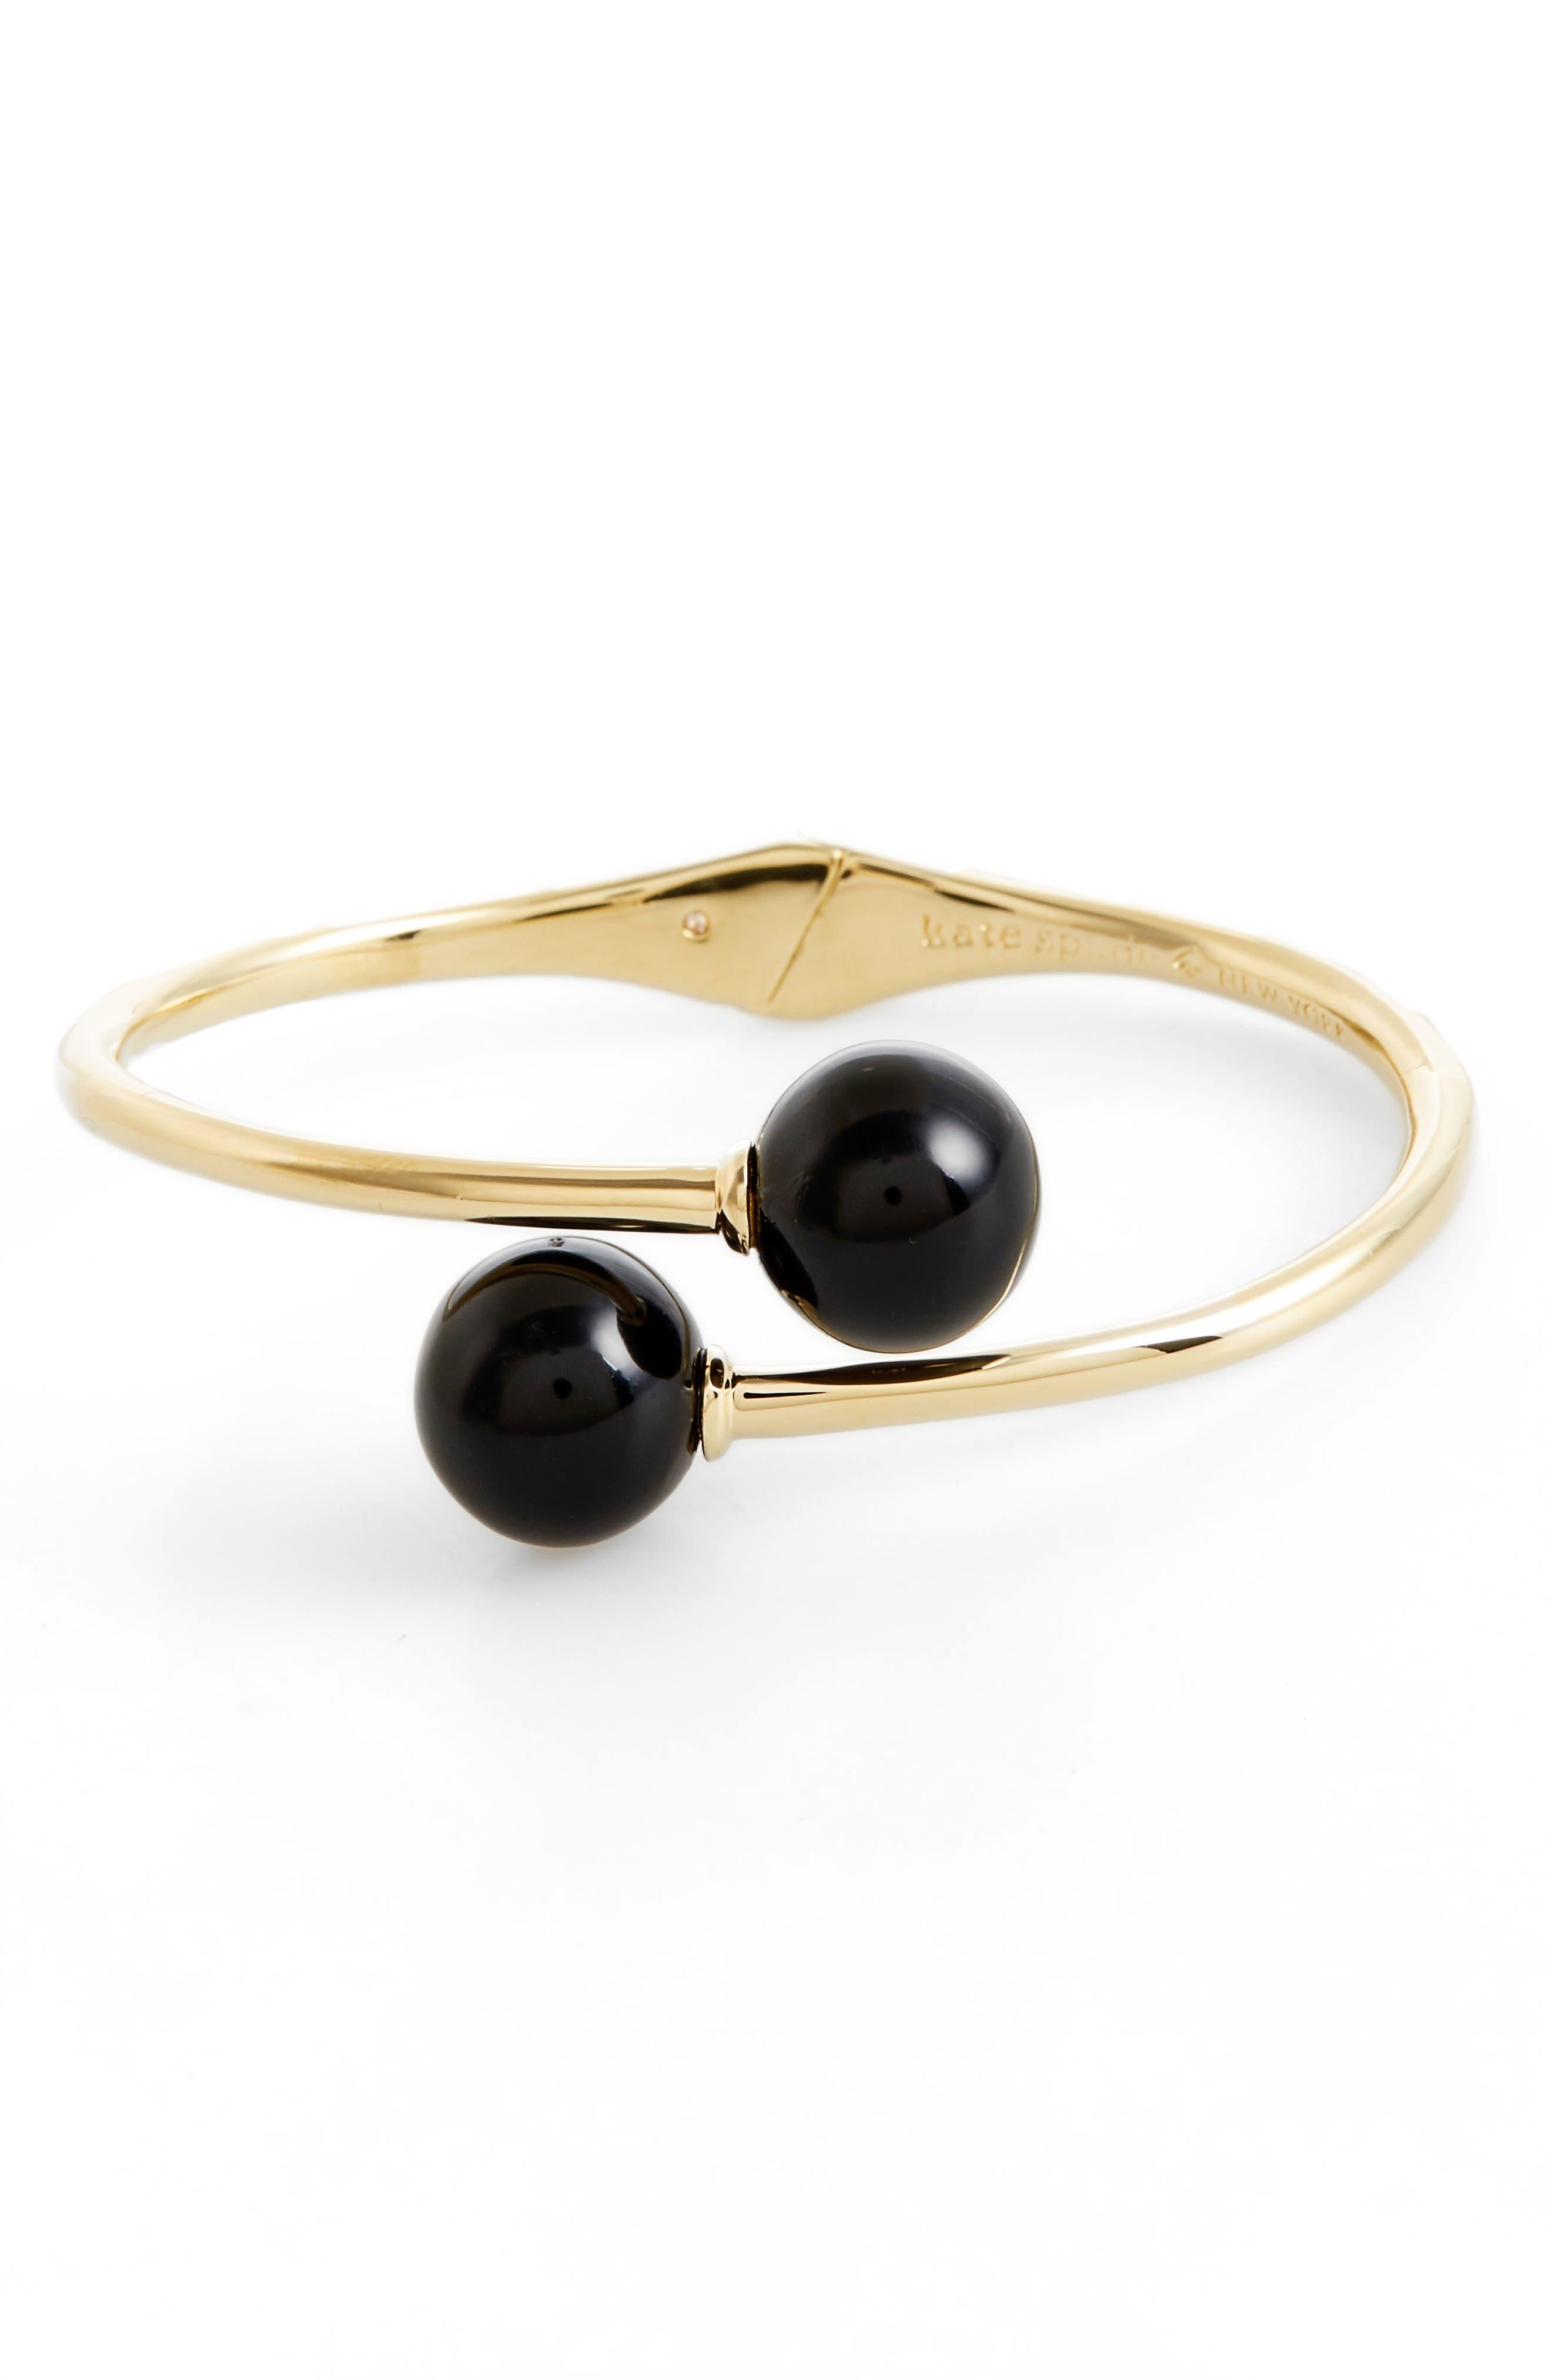 KATE SPADE NEW YORK golden girl bauble bracelet